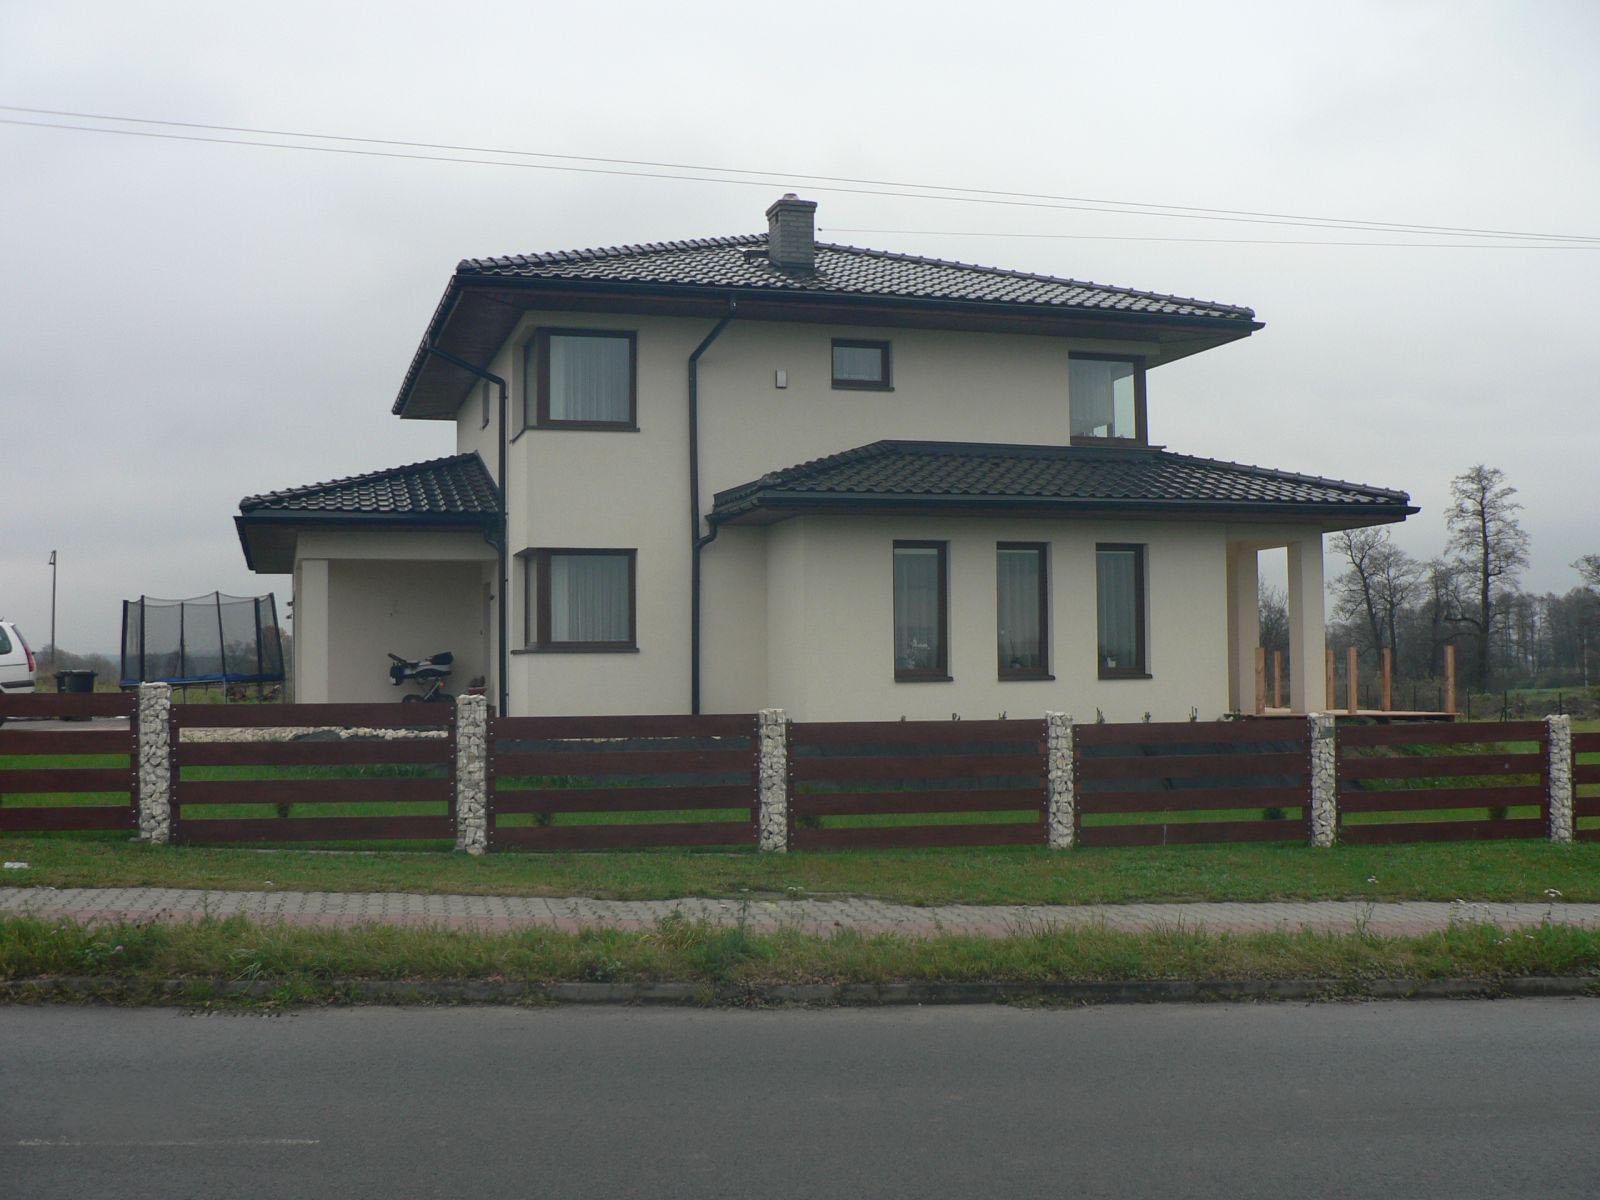 Строительство двухэтажного дома, площадью 224 м2 в стиле прерий, вид сбоку